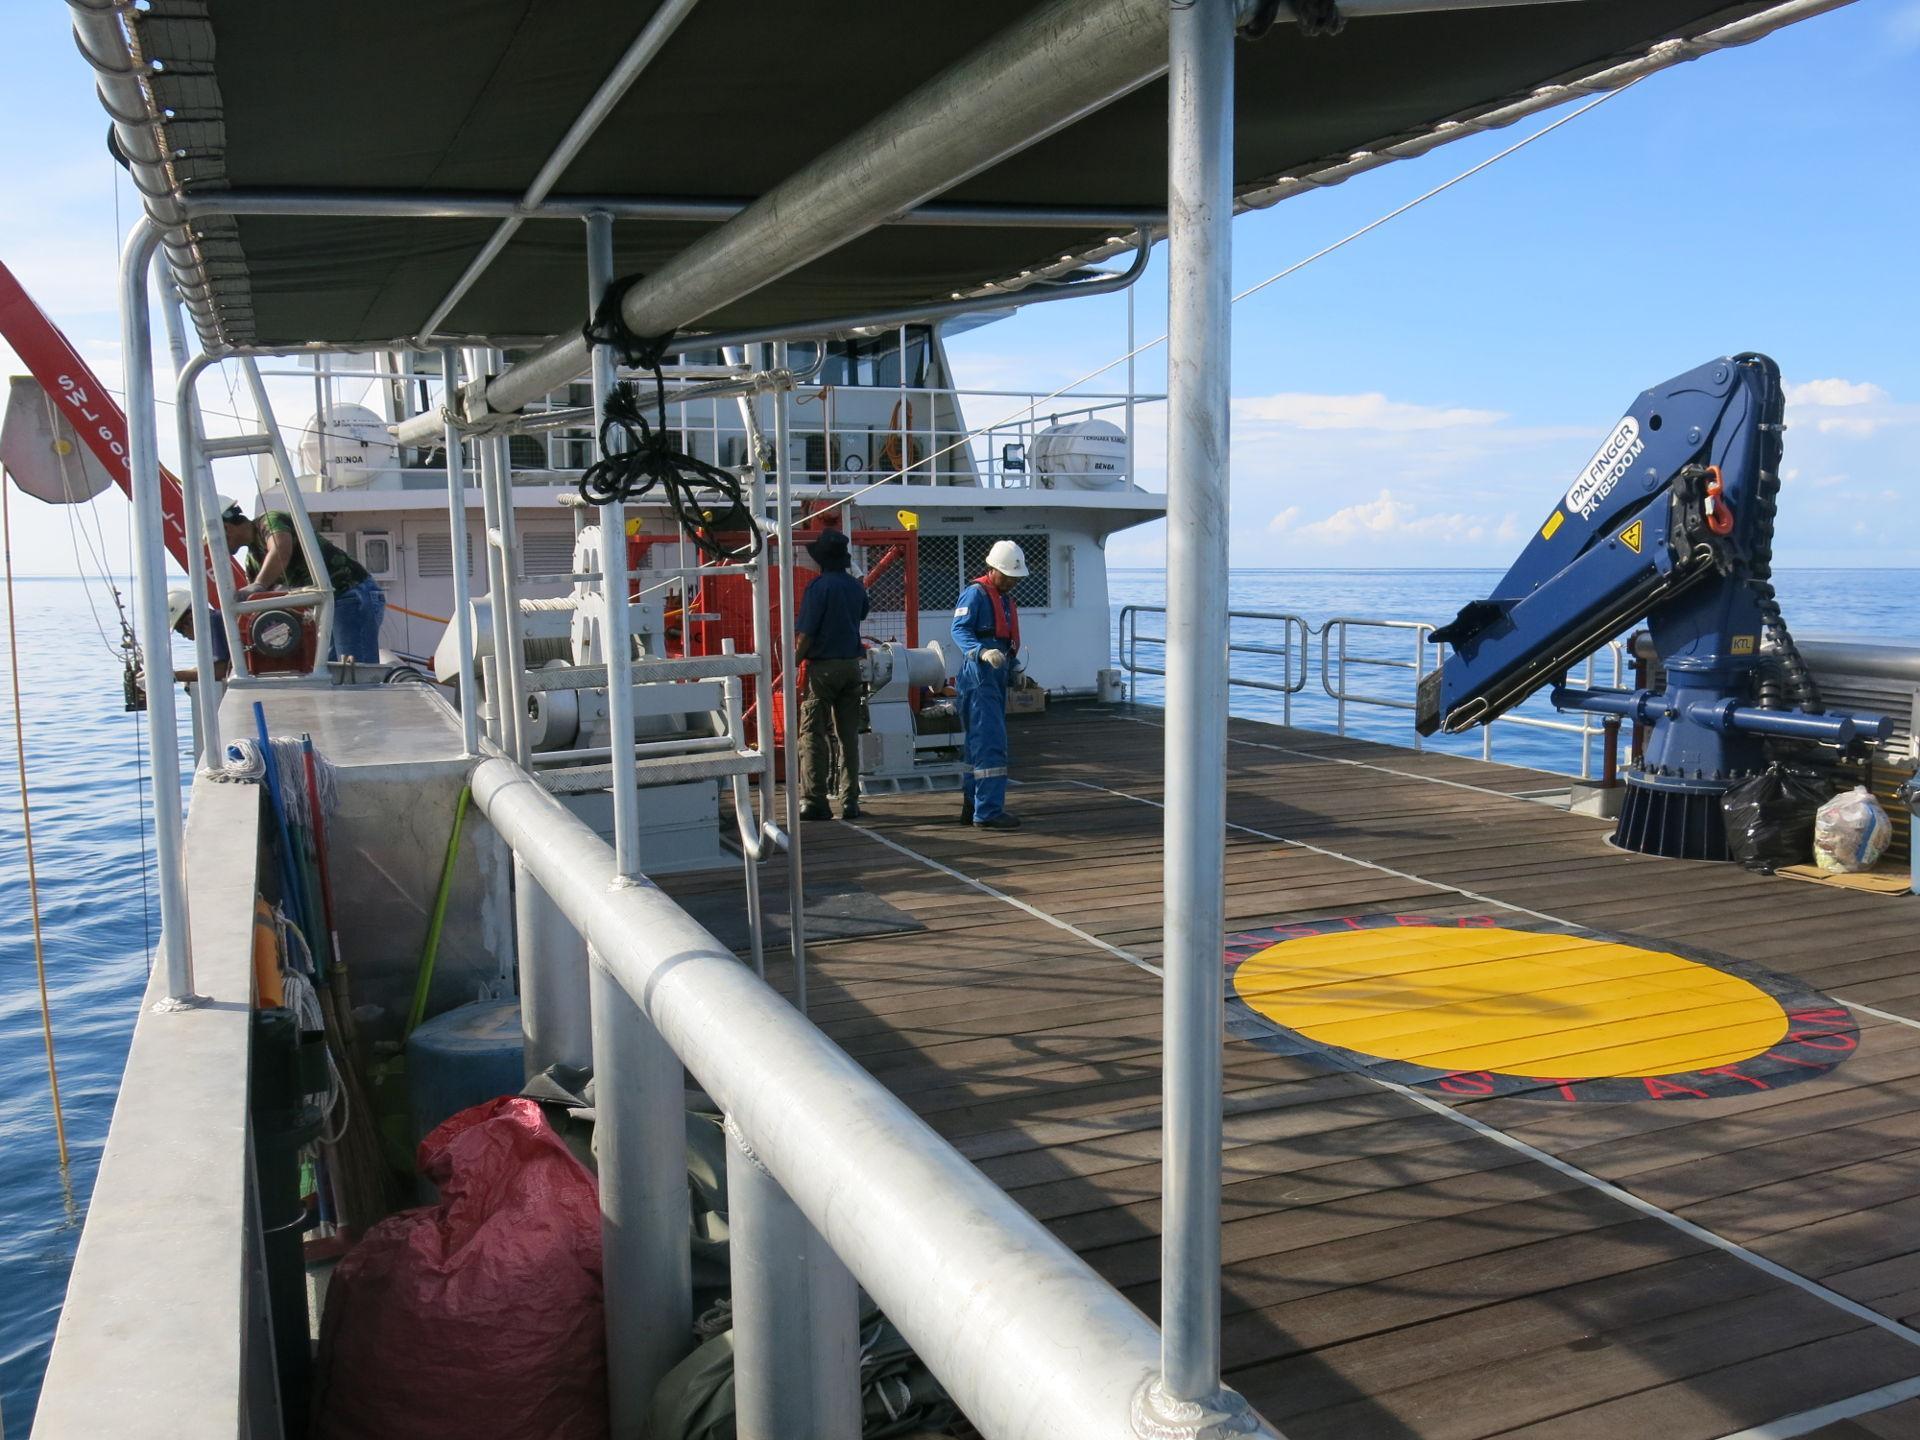 boat-opndeckstill